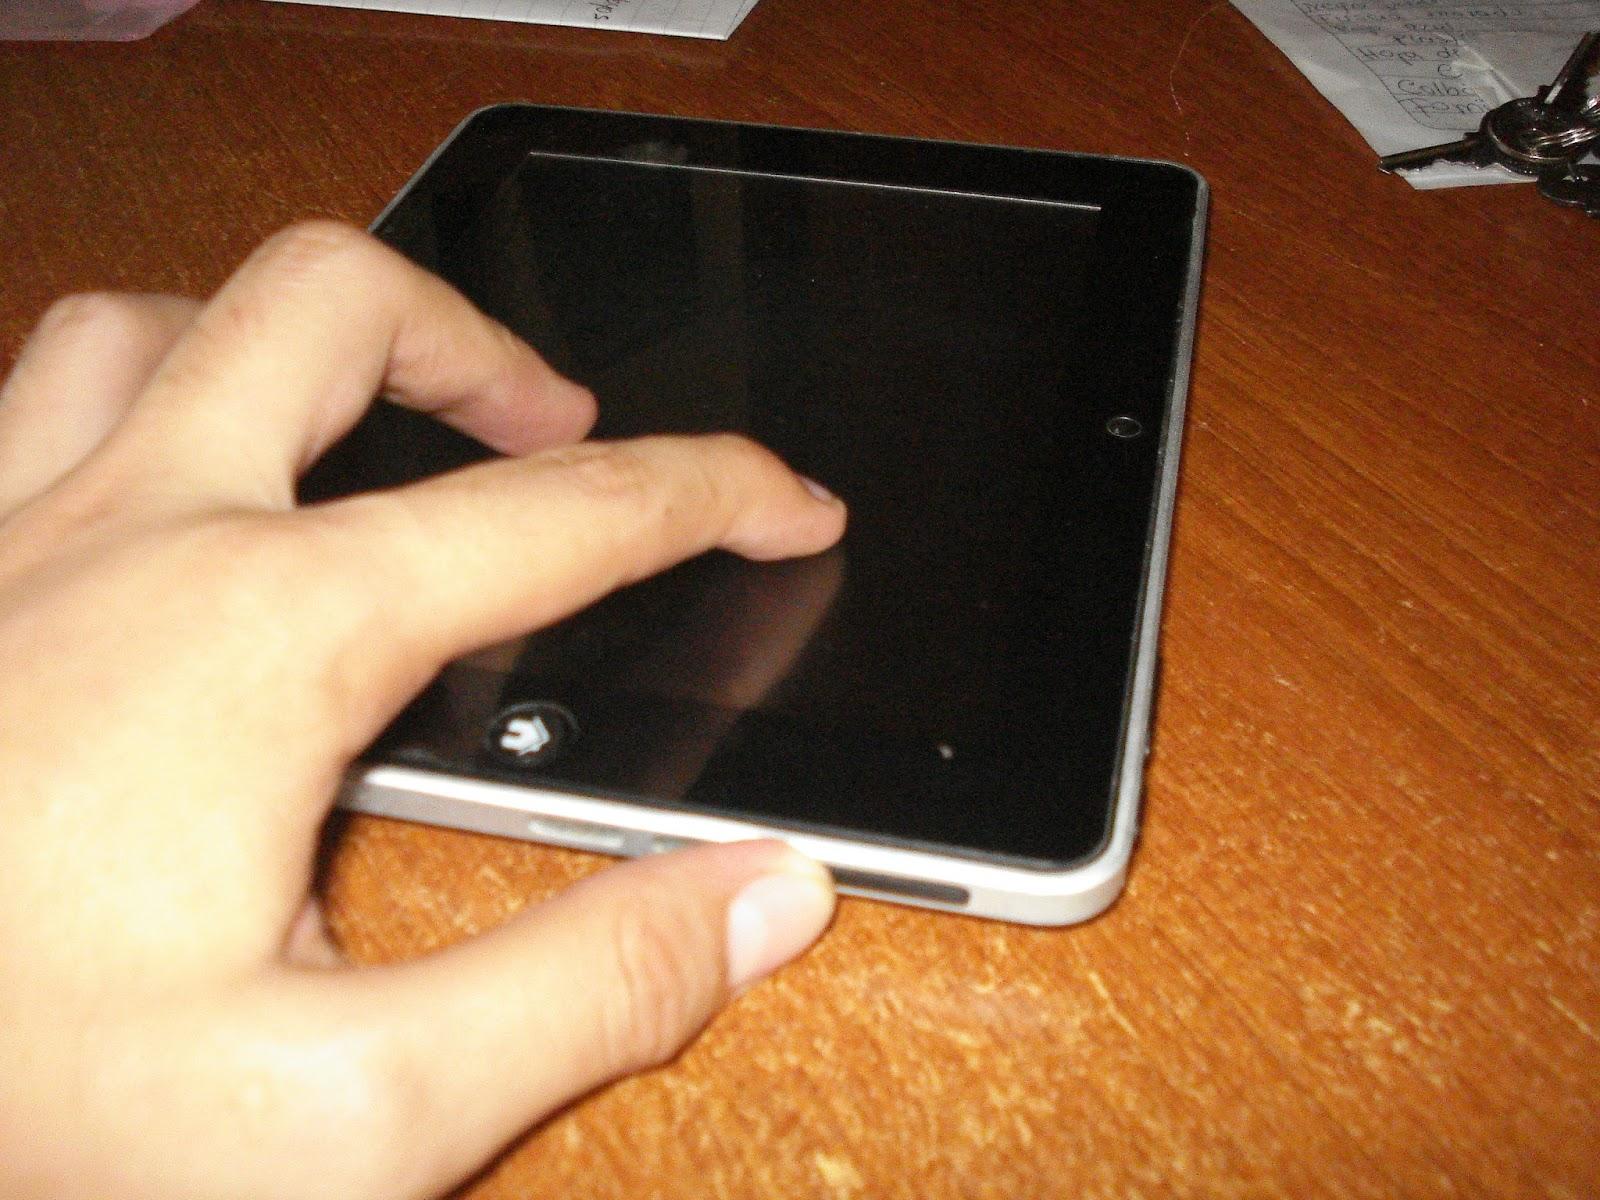 que pasa al instalar la firmware en una tablet